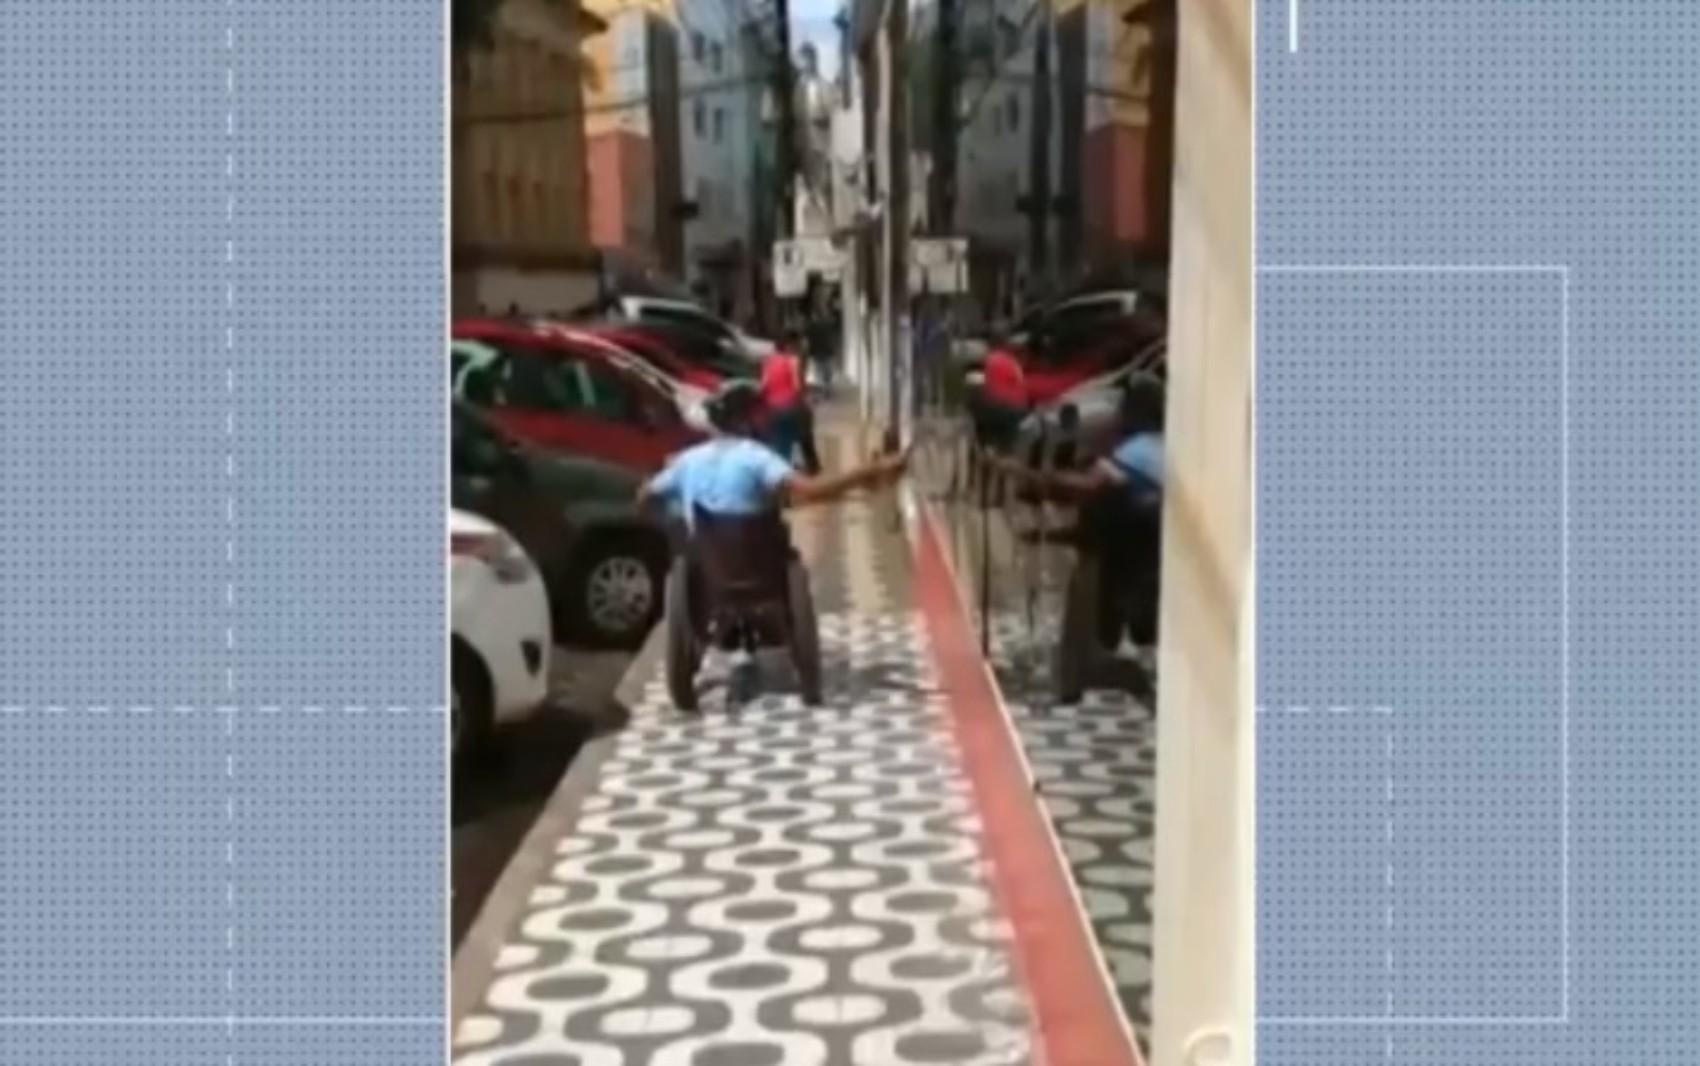 VÍDEO: Homem tenta quebrar vidro da fachada de Câmara de Vereadores na Bahia e diz que agiu por ciúmes